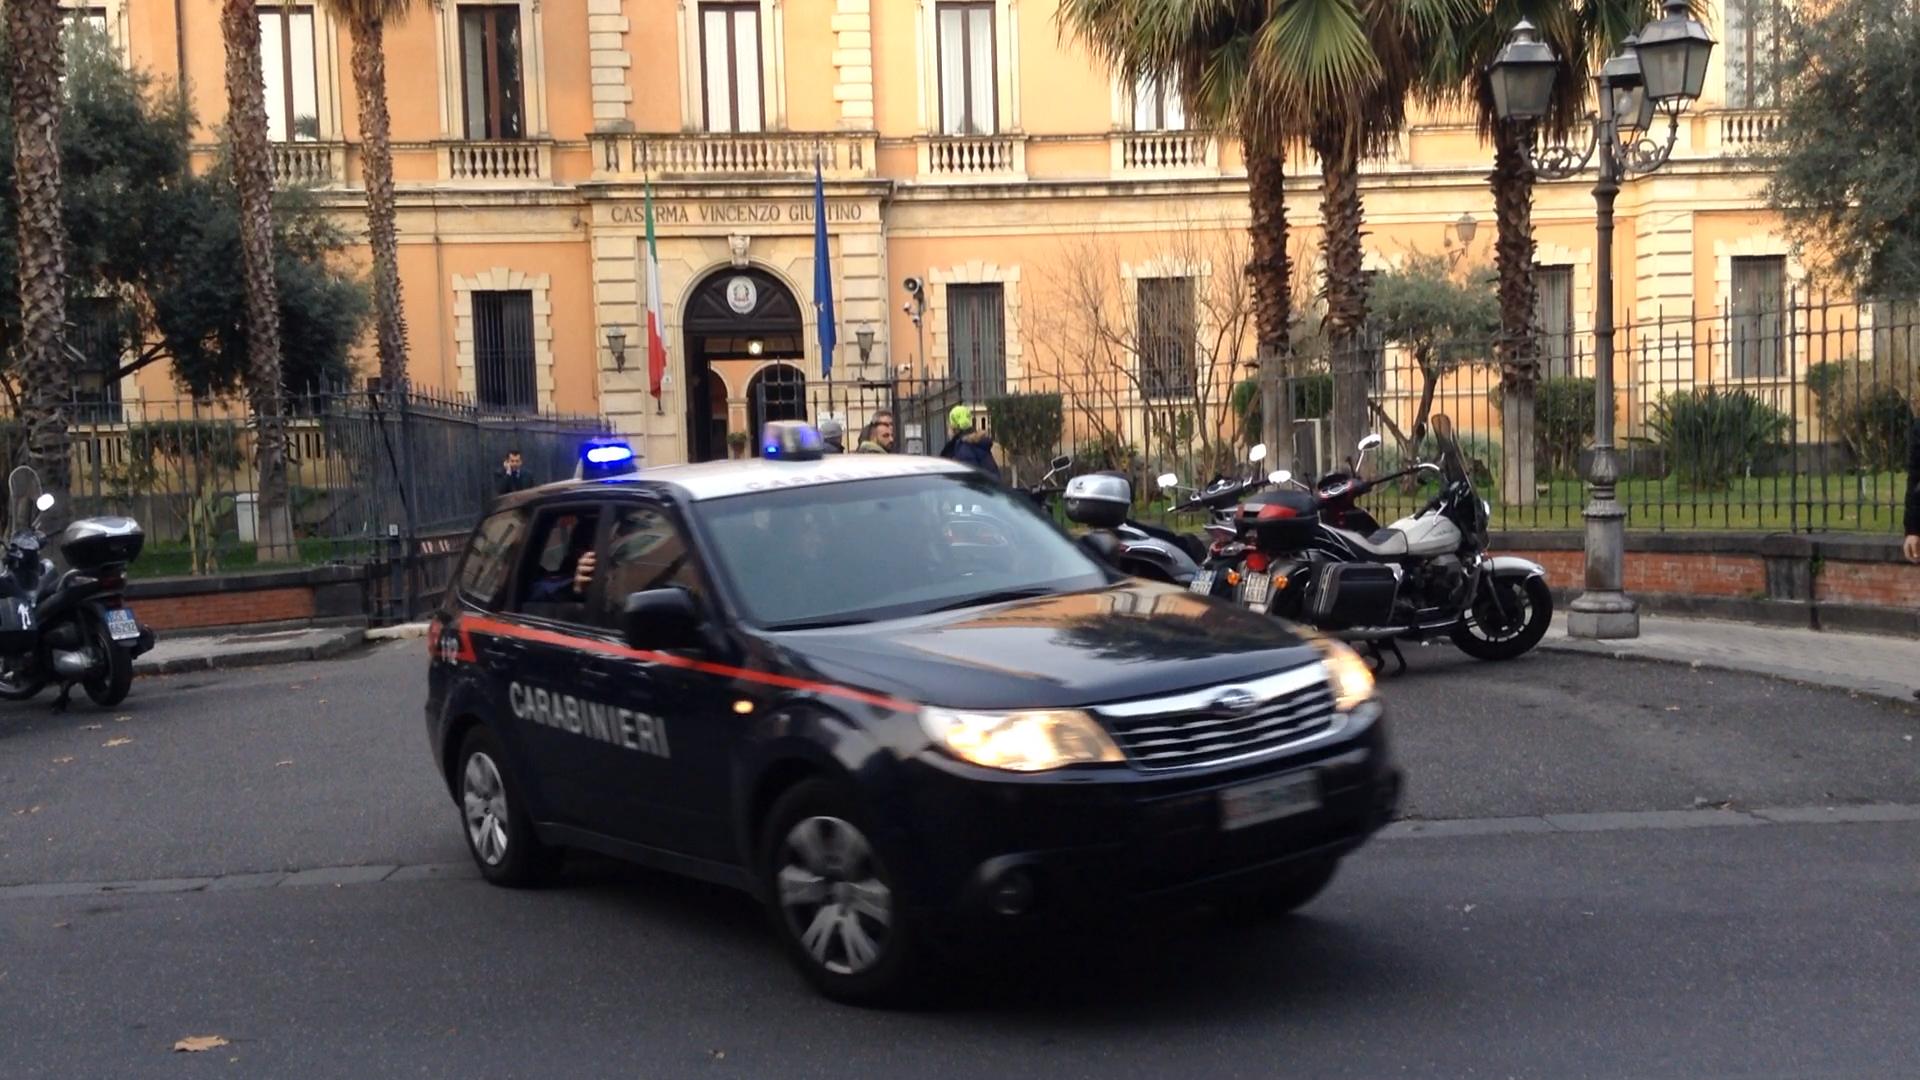 Un chilo di droga tra i giochi della figlioletta, arresto a Catania